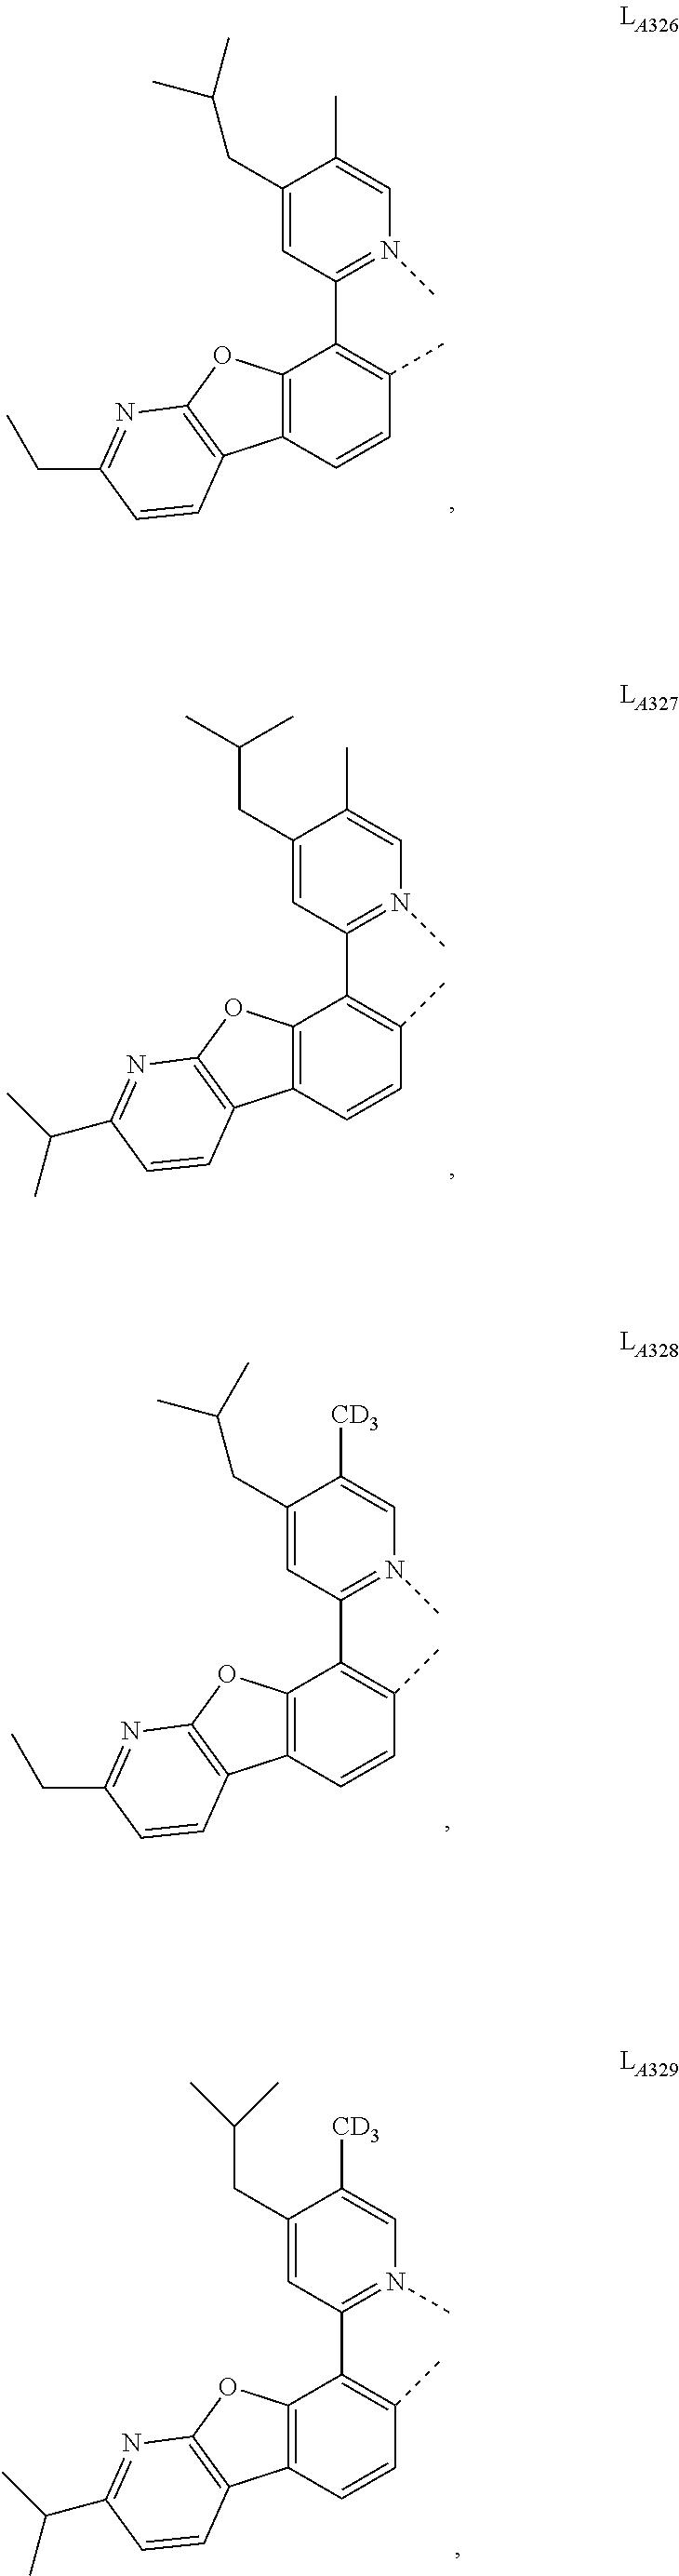 Figure US20160049599A1-20160218-C00086